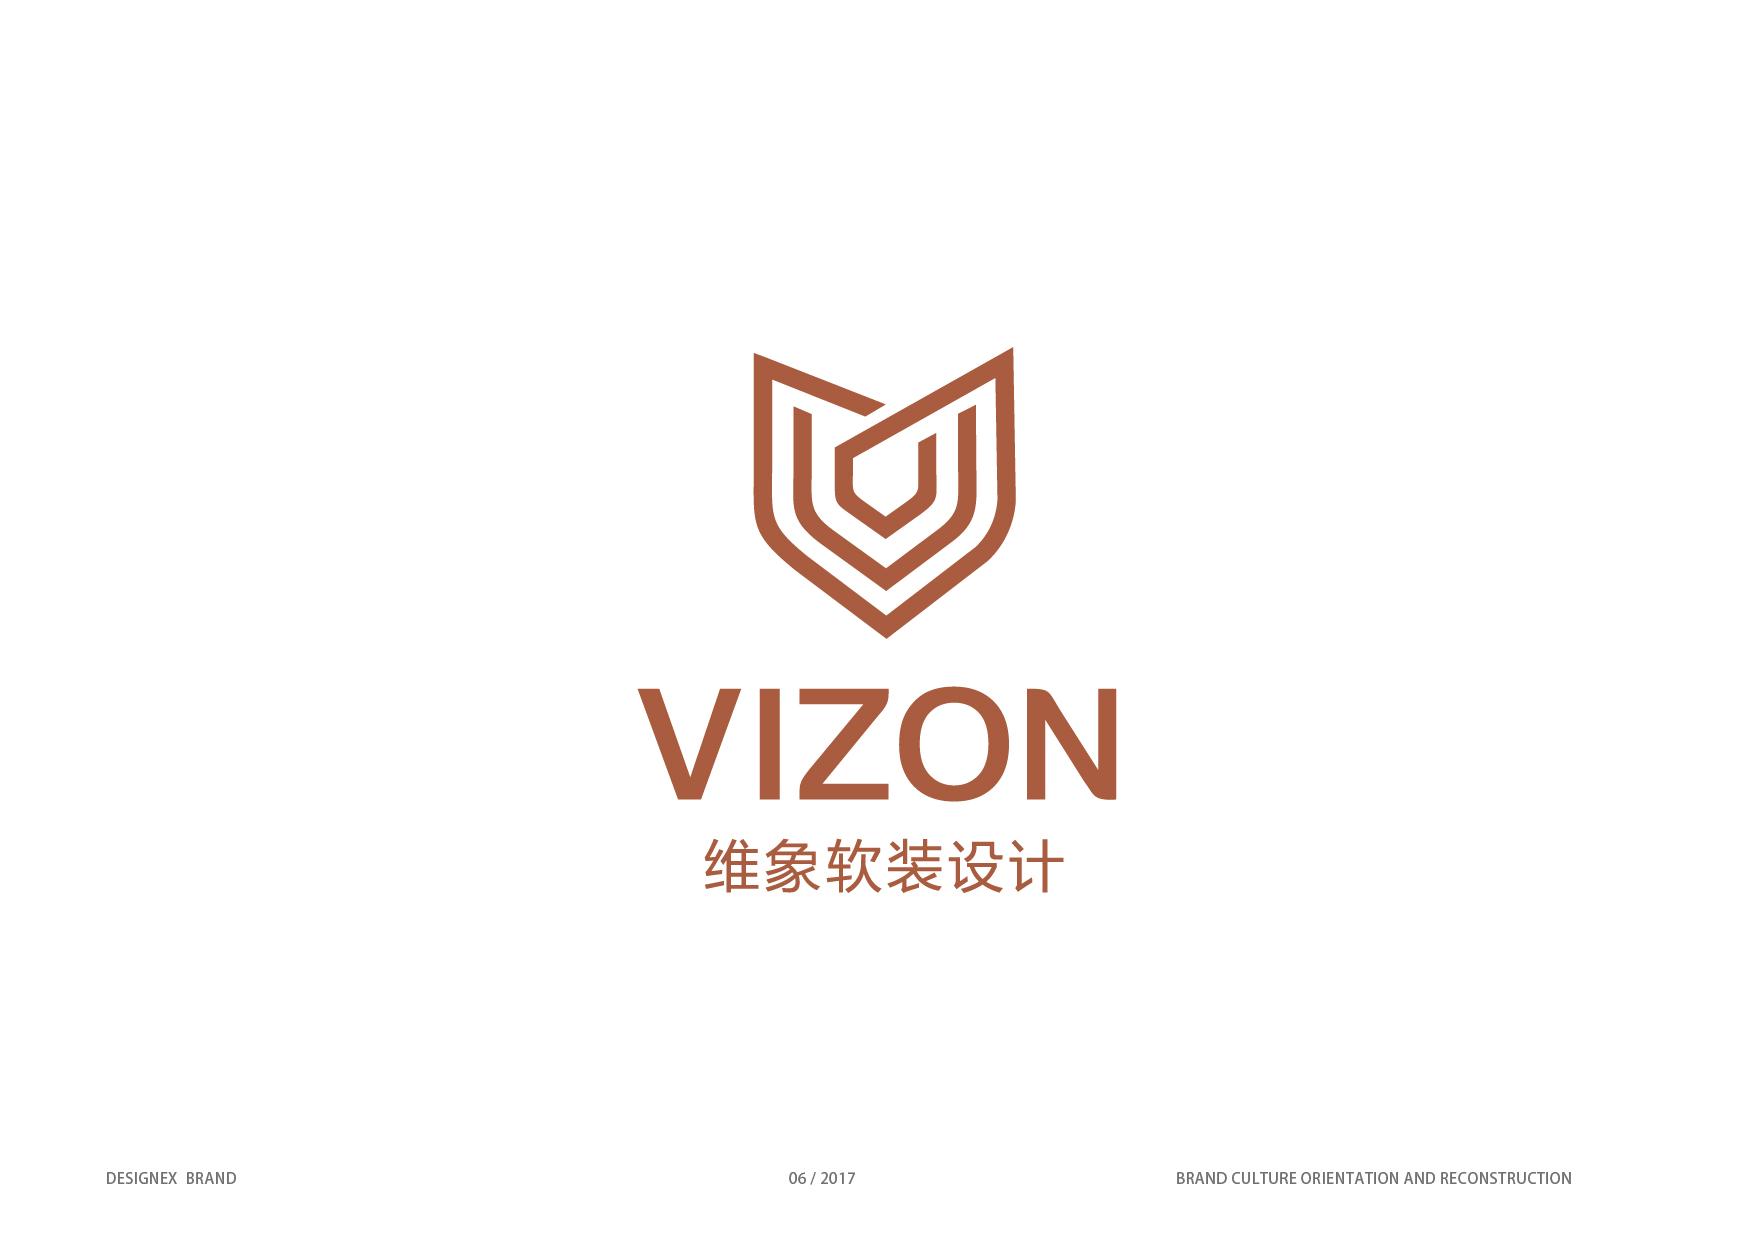 维象软装品牌logo商标设计图片